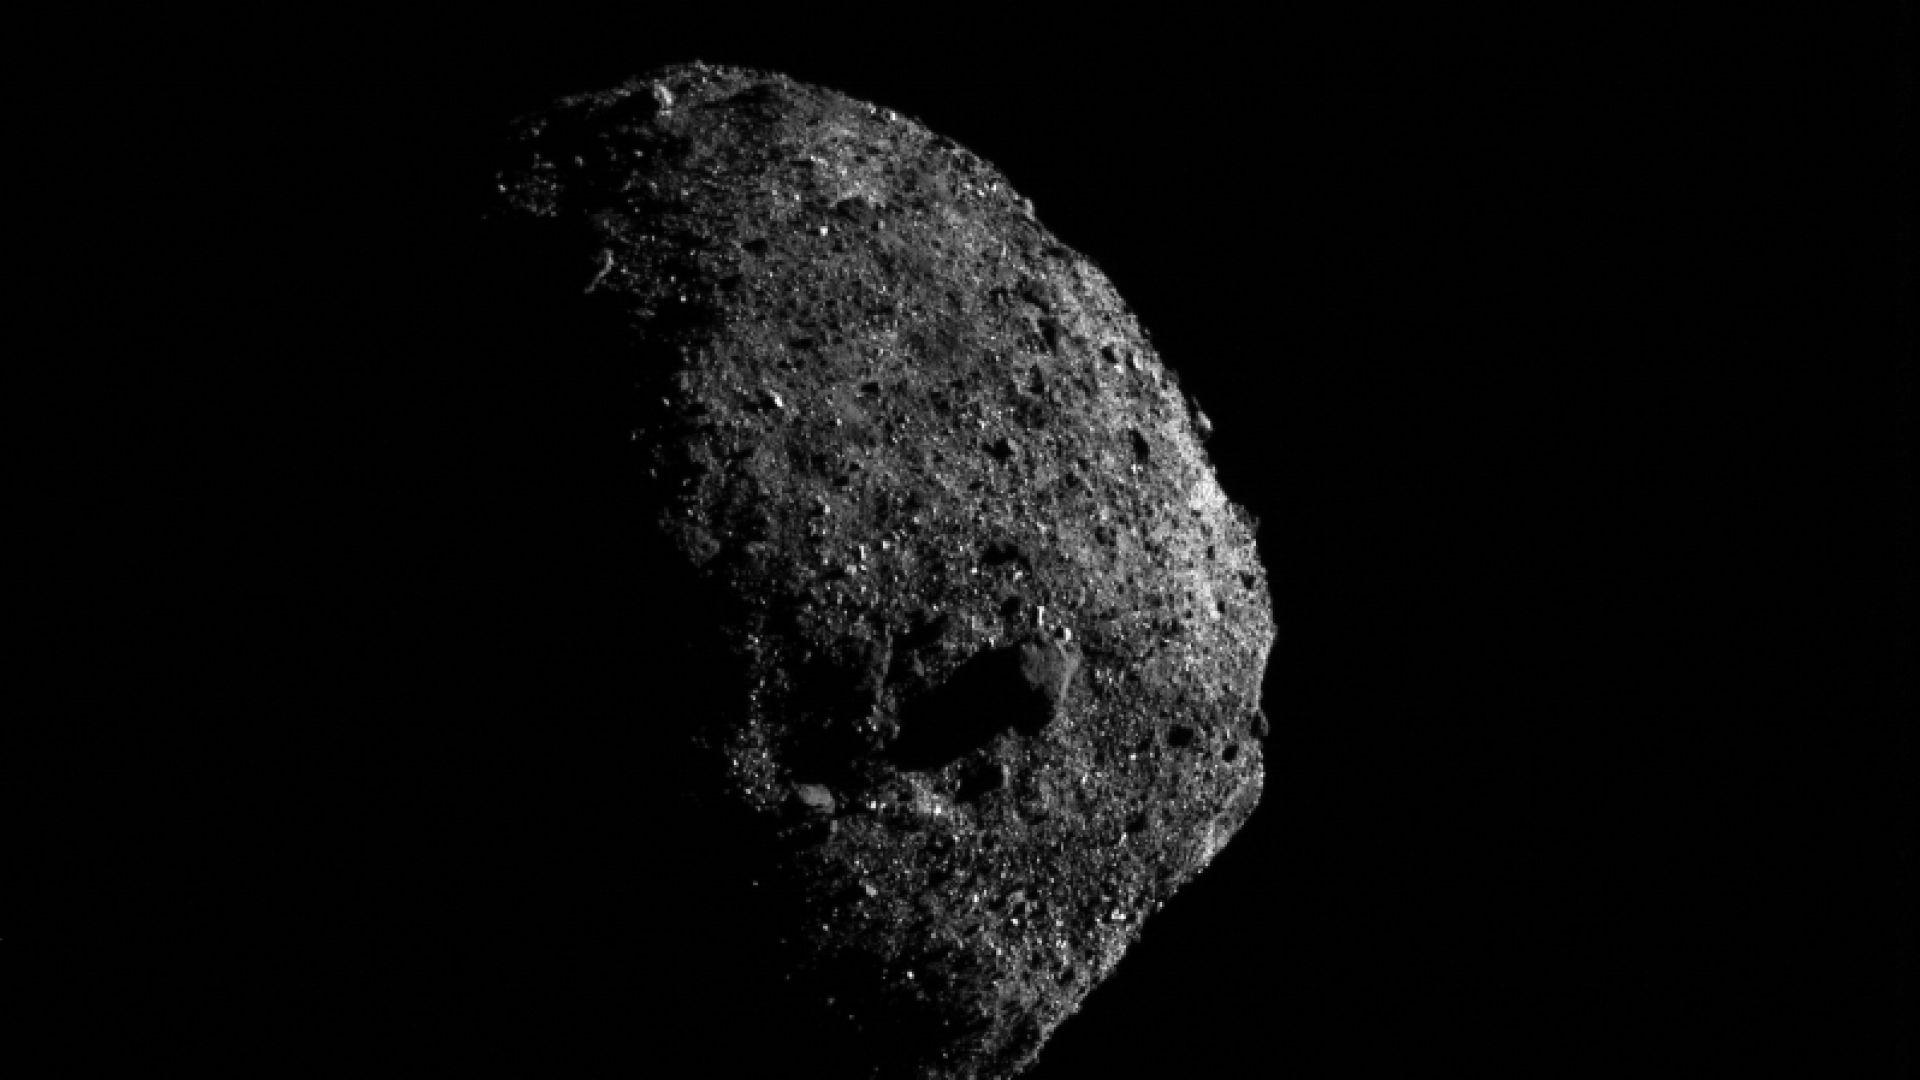 НАСА публикува нови близки снимки на астероида Бену